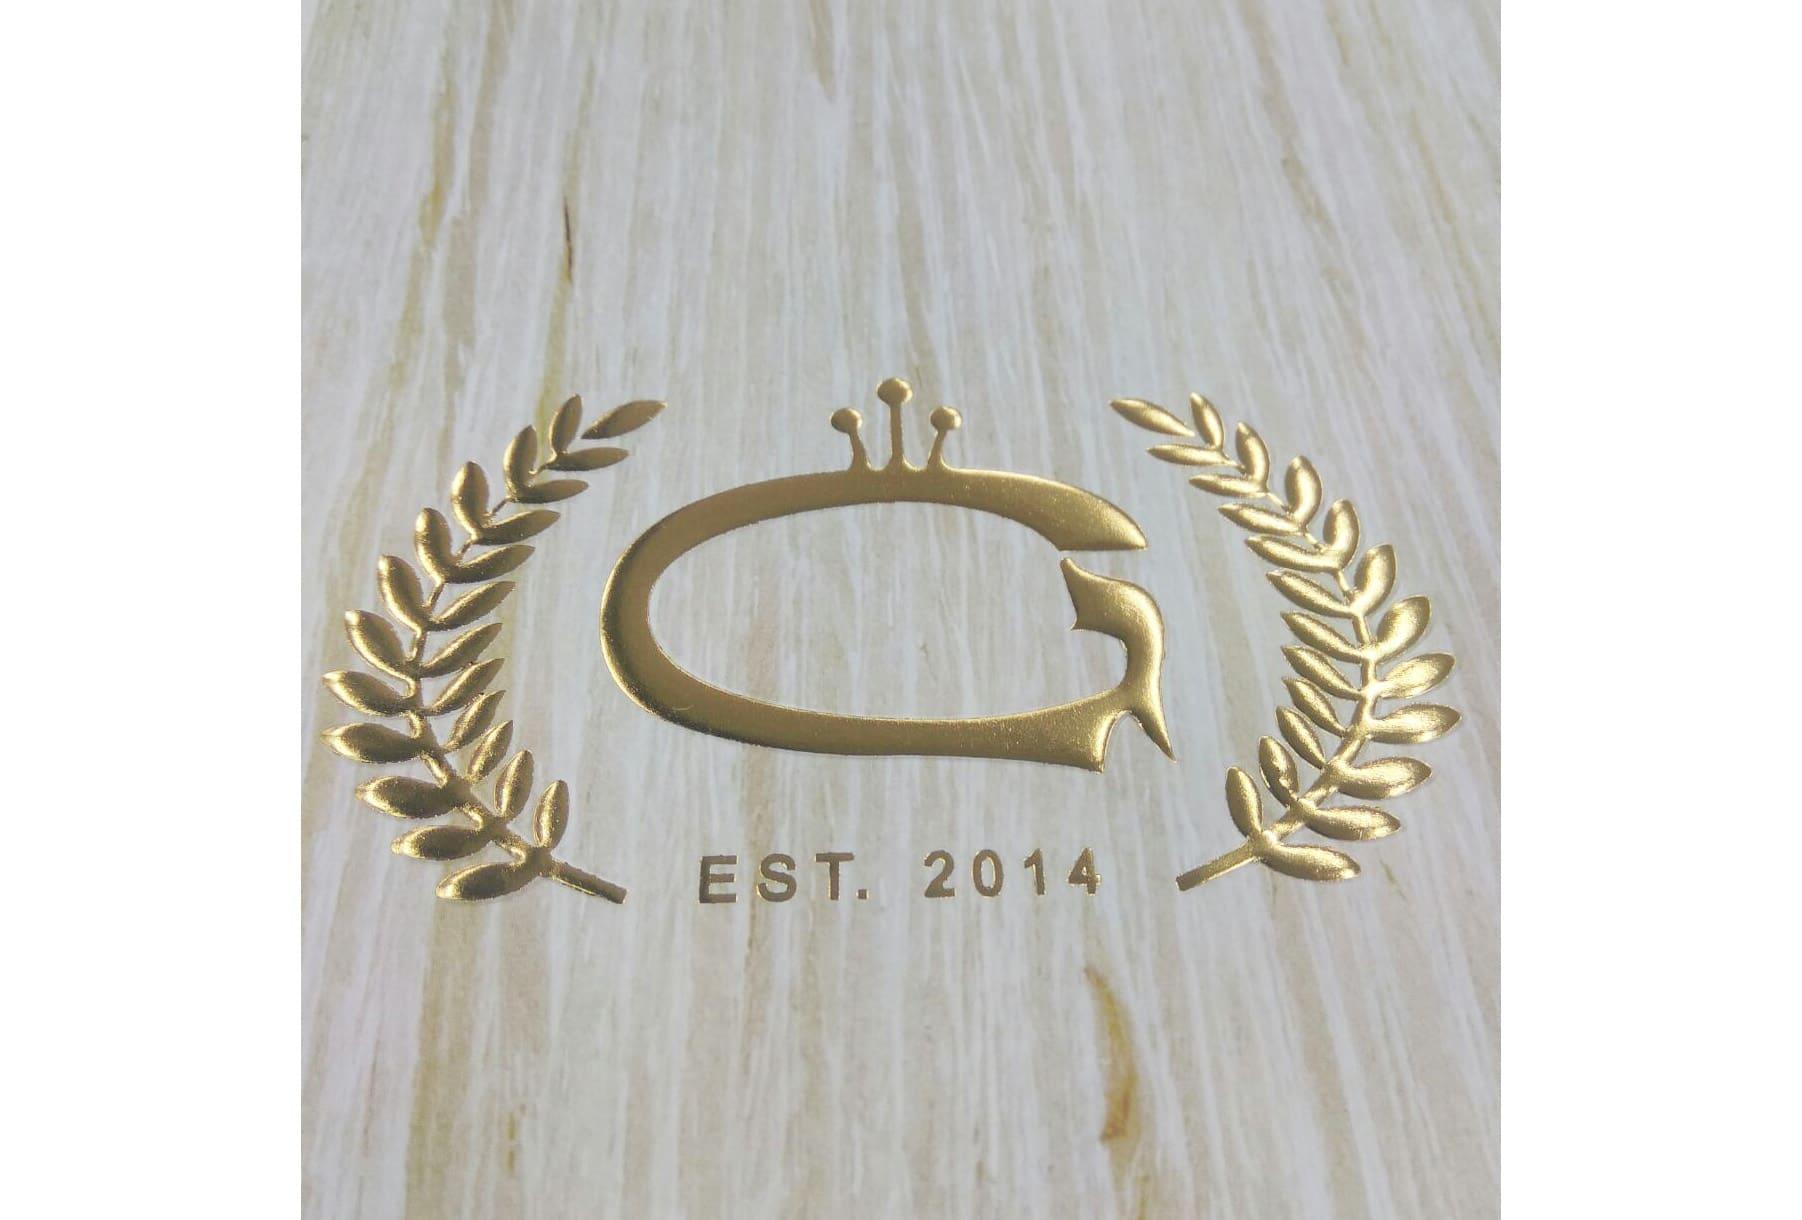 השבחת ההדפסה (לוגו של החברה) בעזרת הבלטה דיגיטלית